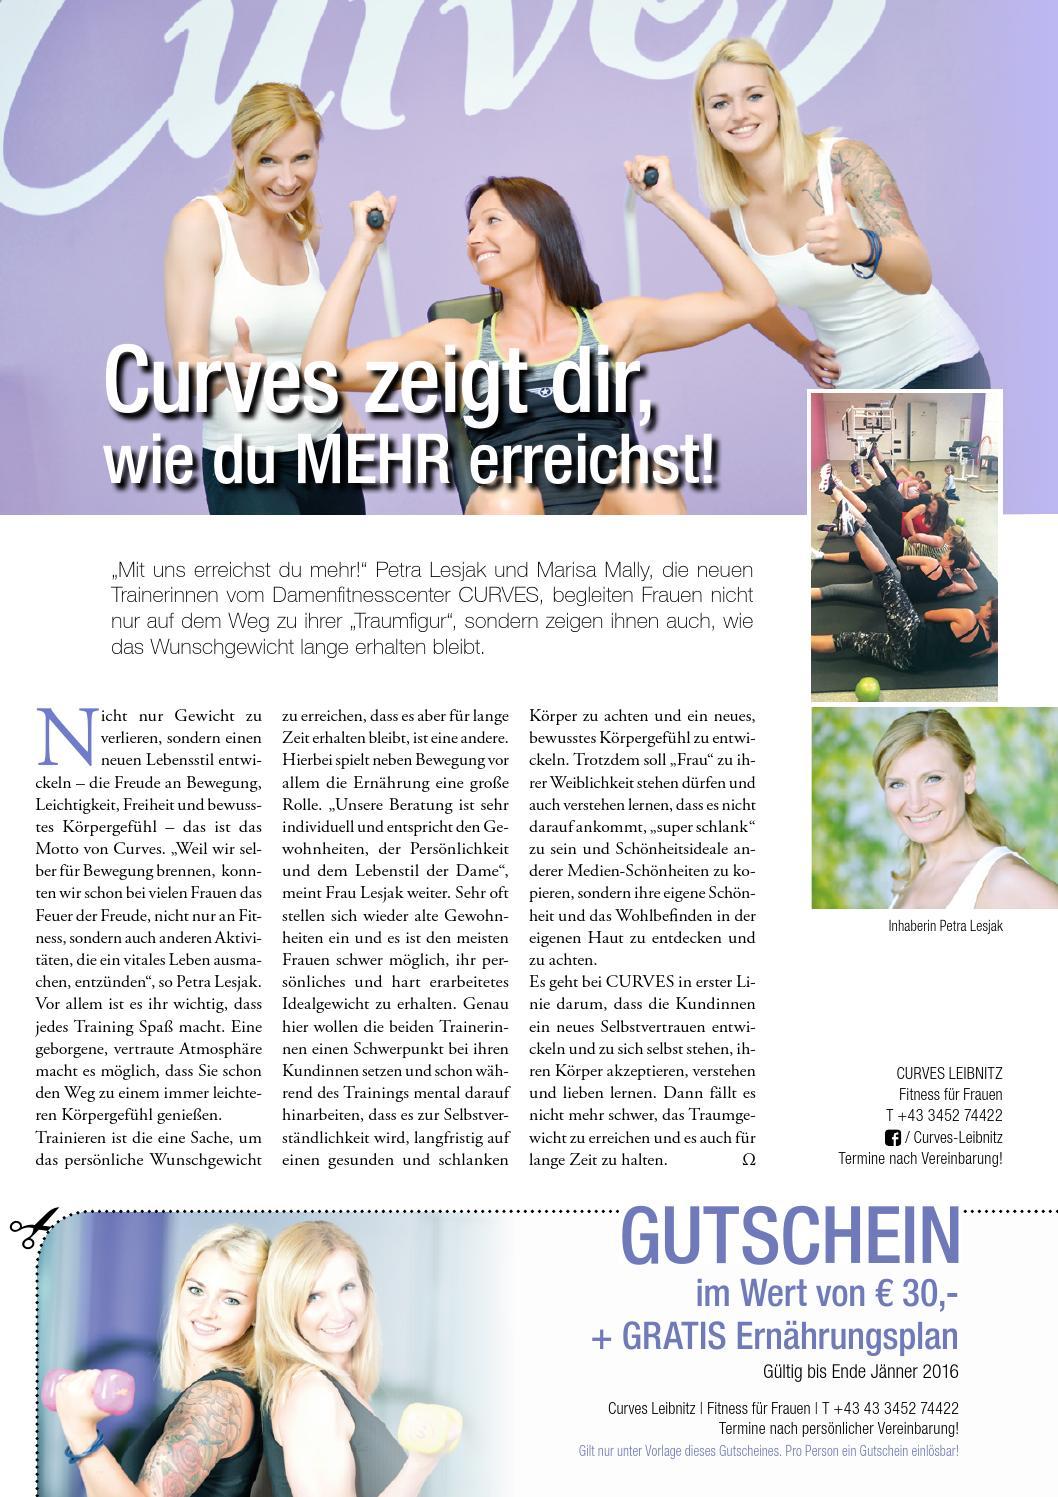 Tolle Fitness Gutschein Vorlage Galerie - Ideen fortsetzen ...